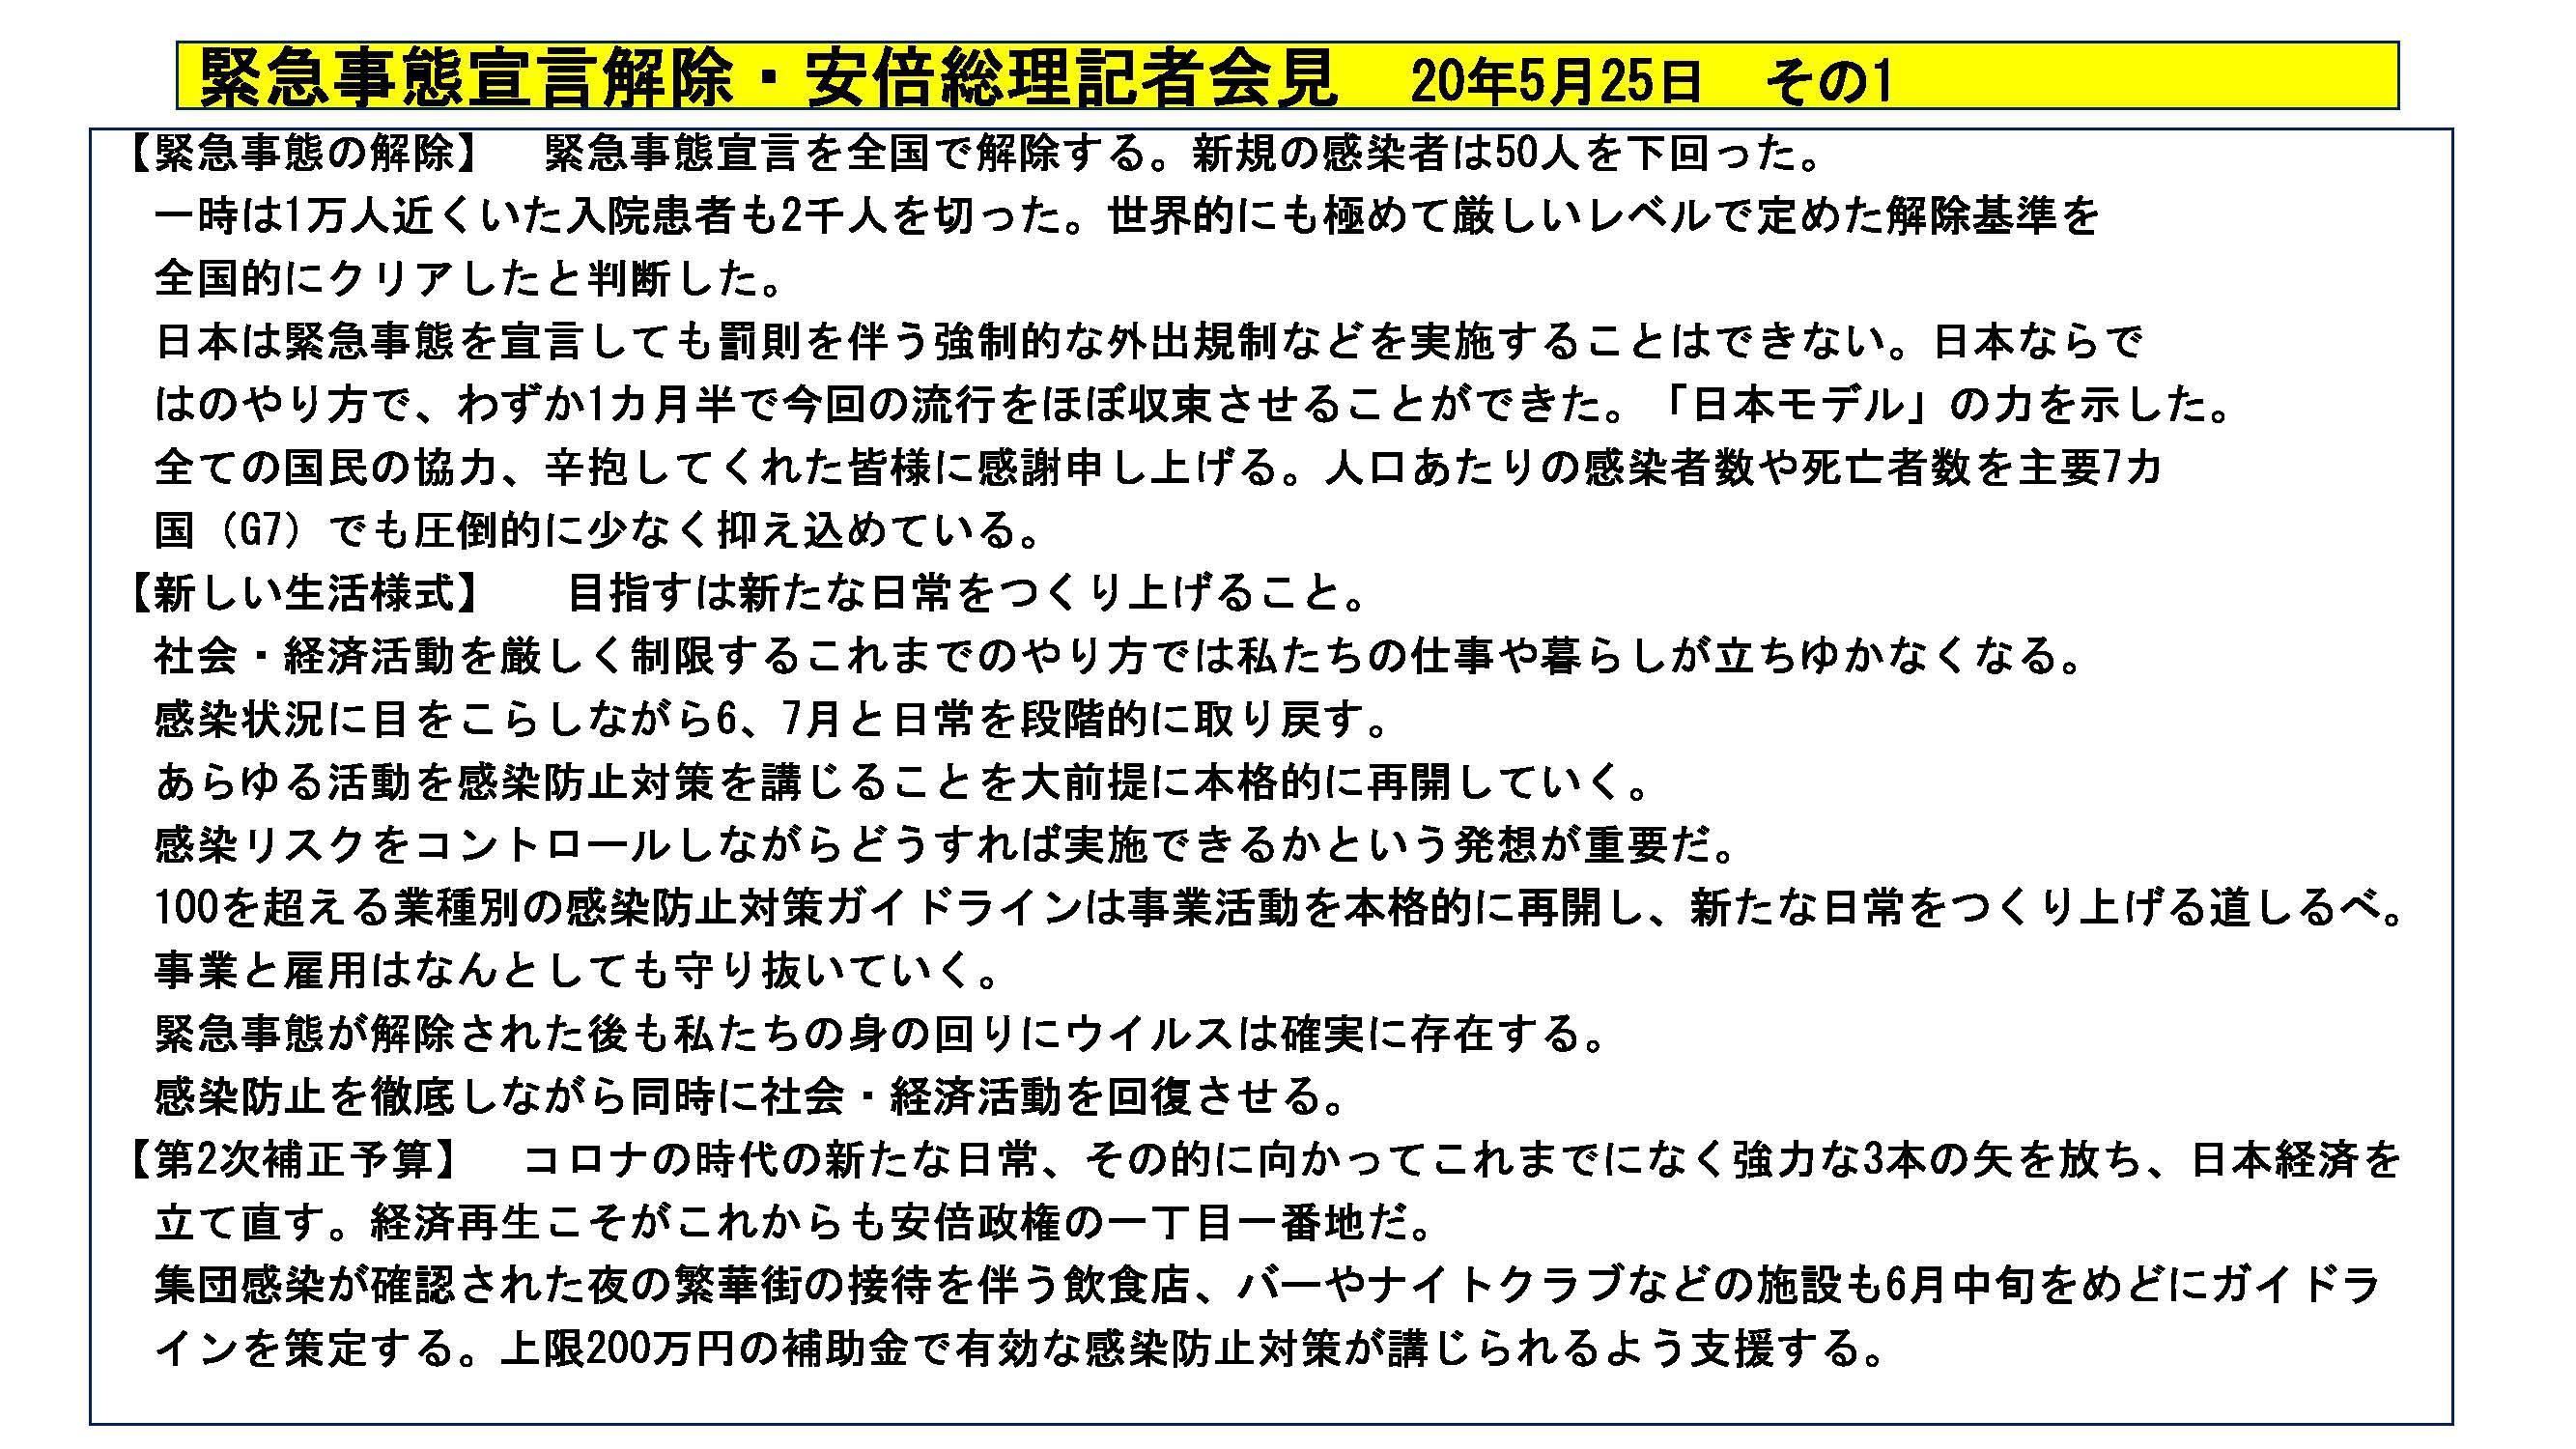 Youtube 松田 学 YouTubeなら伝えられるリアリズム【CGS 神谷宗幣